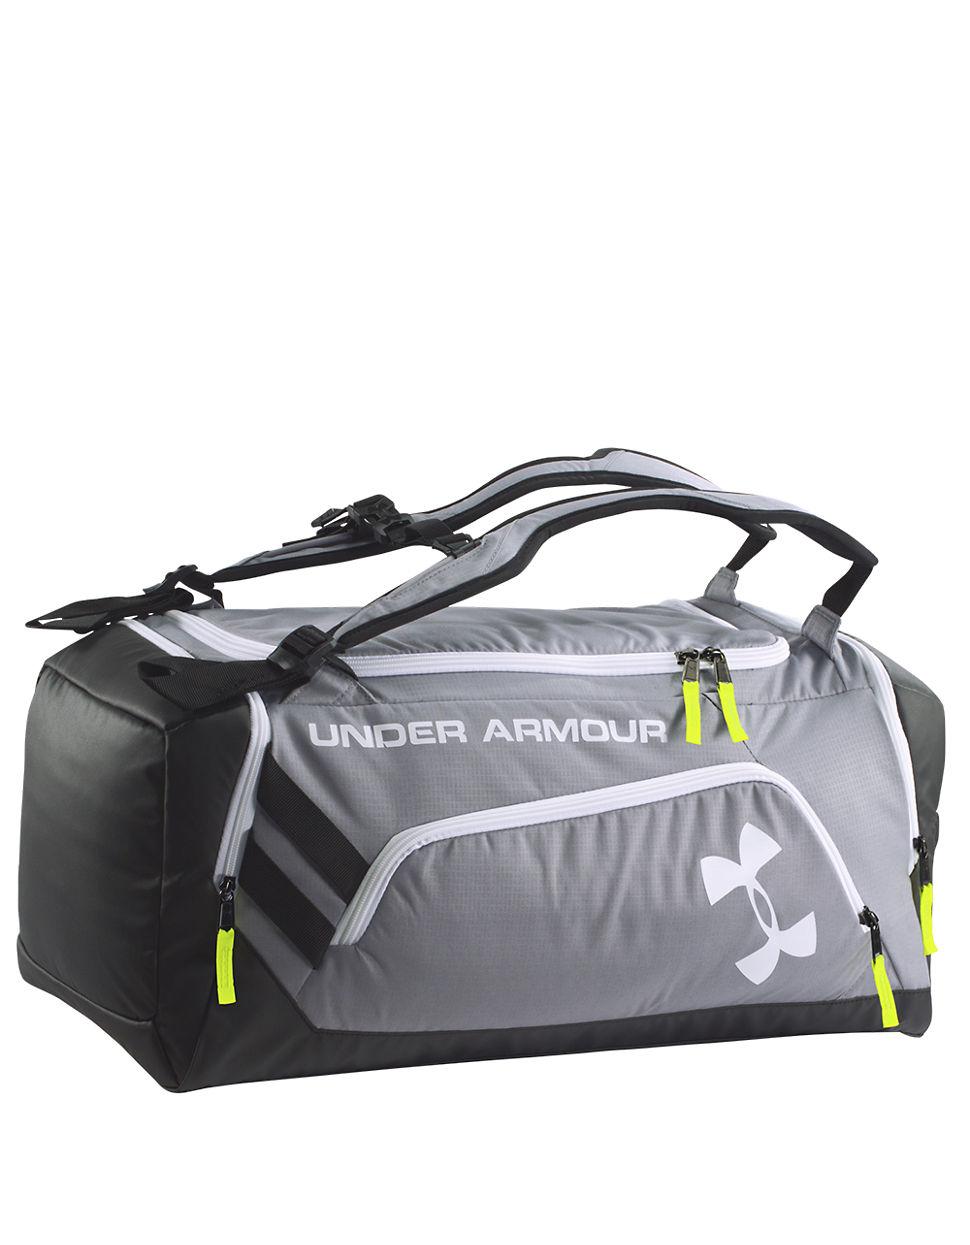 ef5708a1348f Underarmor Gym Bags